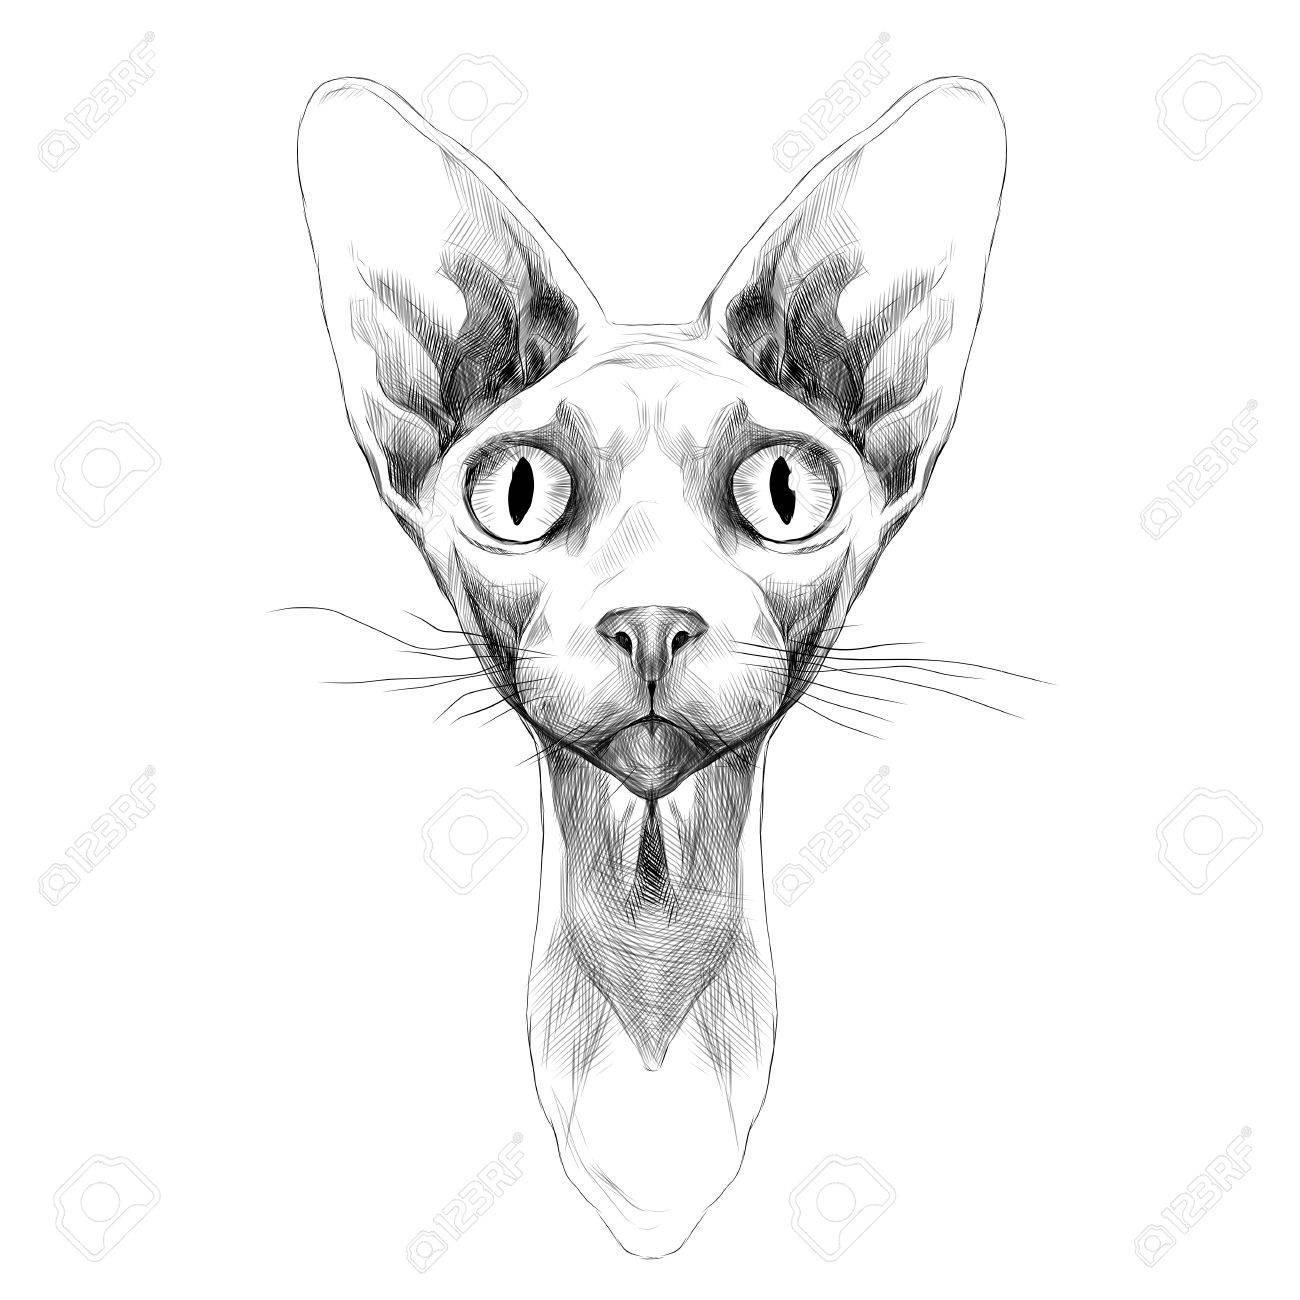 Vettoriale Il Gatto Di Razza La Testa Della Sfinge è Disegno In